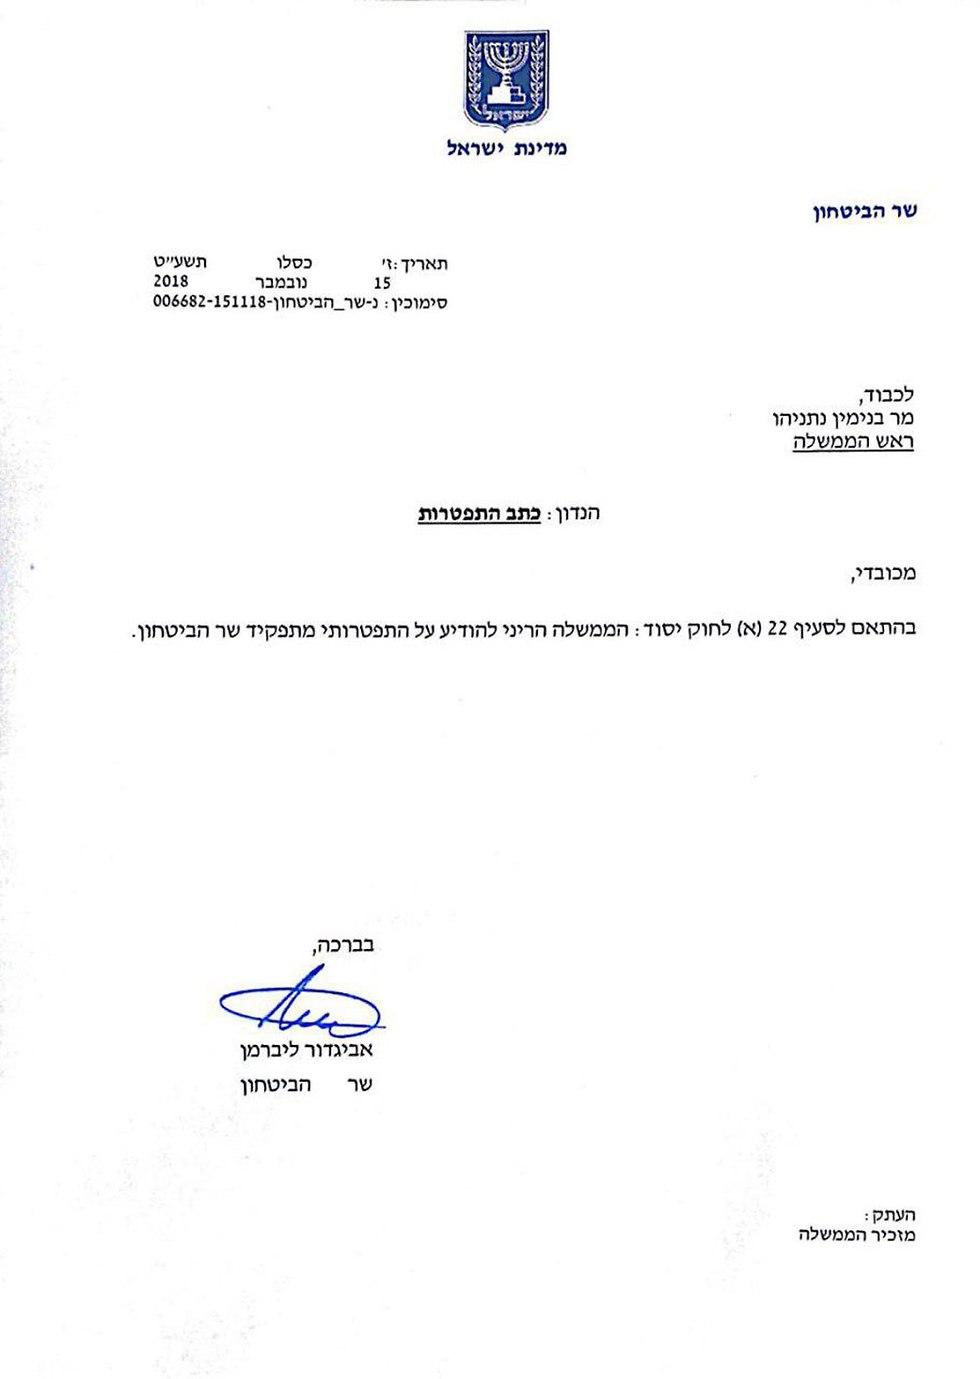 הודעת שר הביטחון אביגדור ליברמן מכתב התפטרות ()